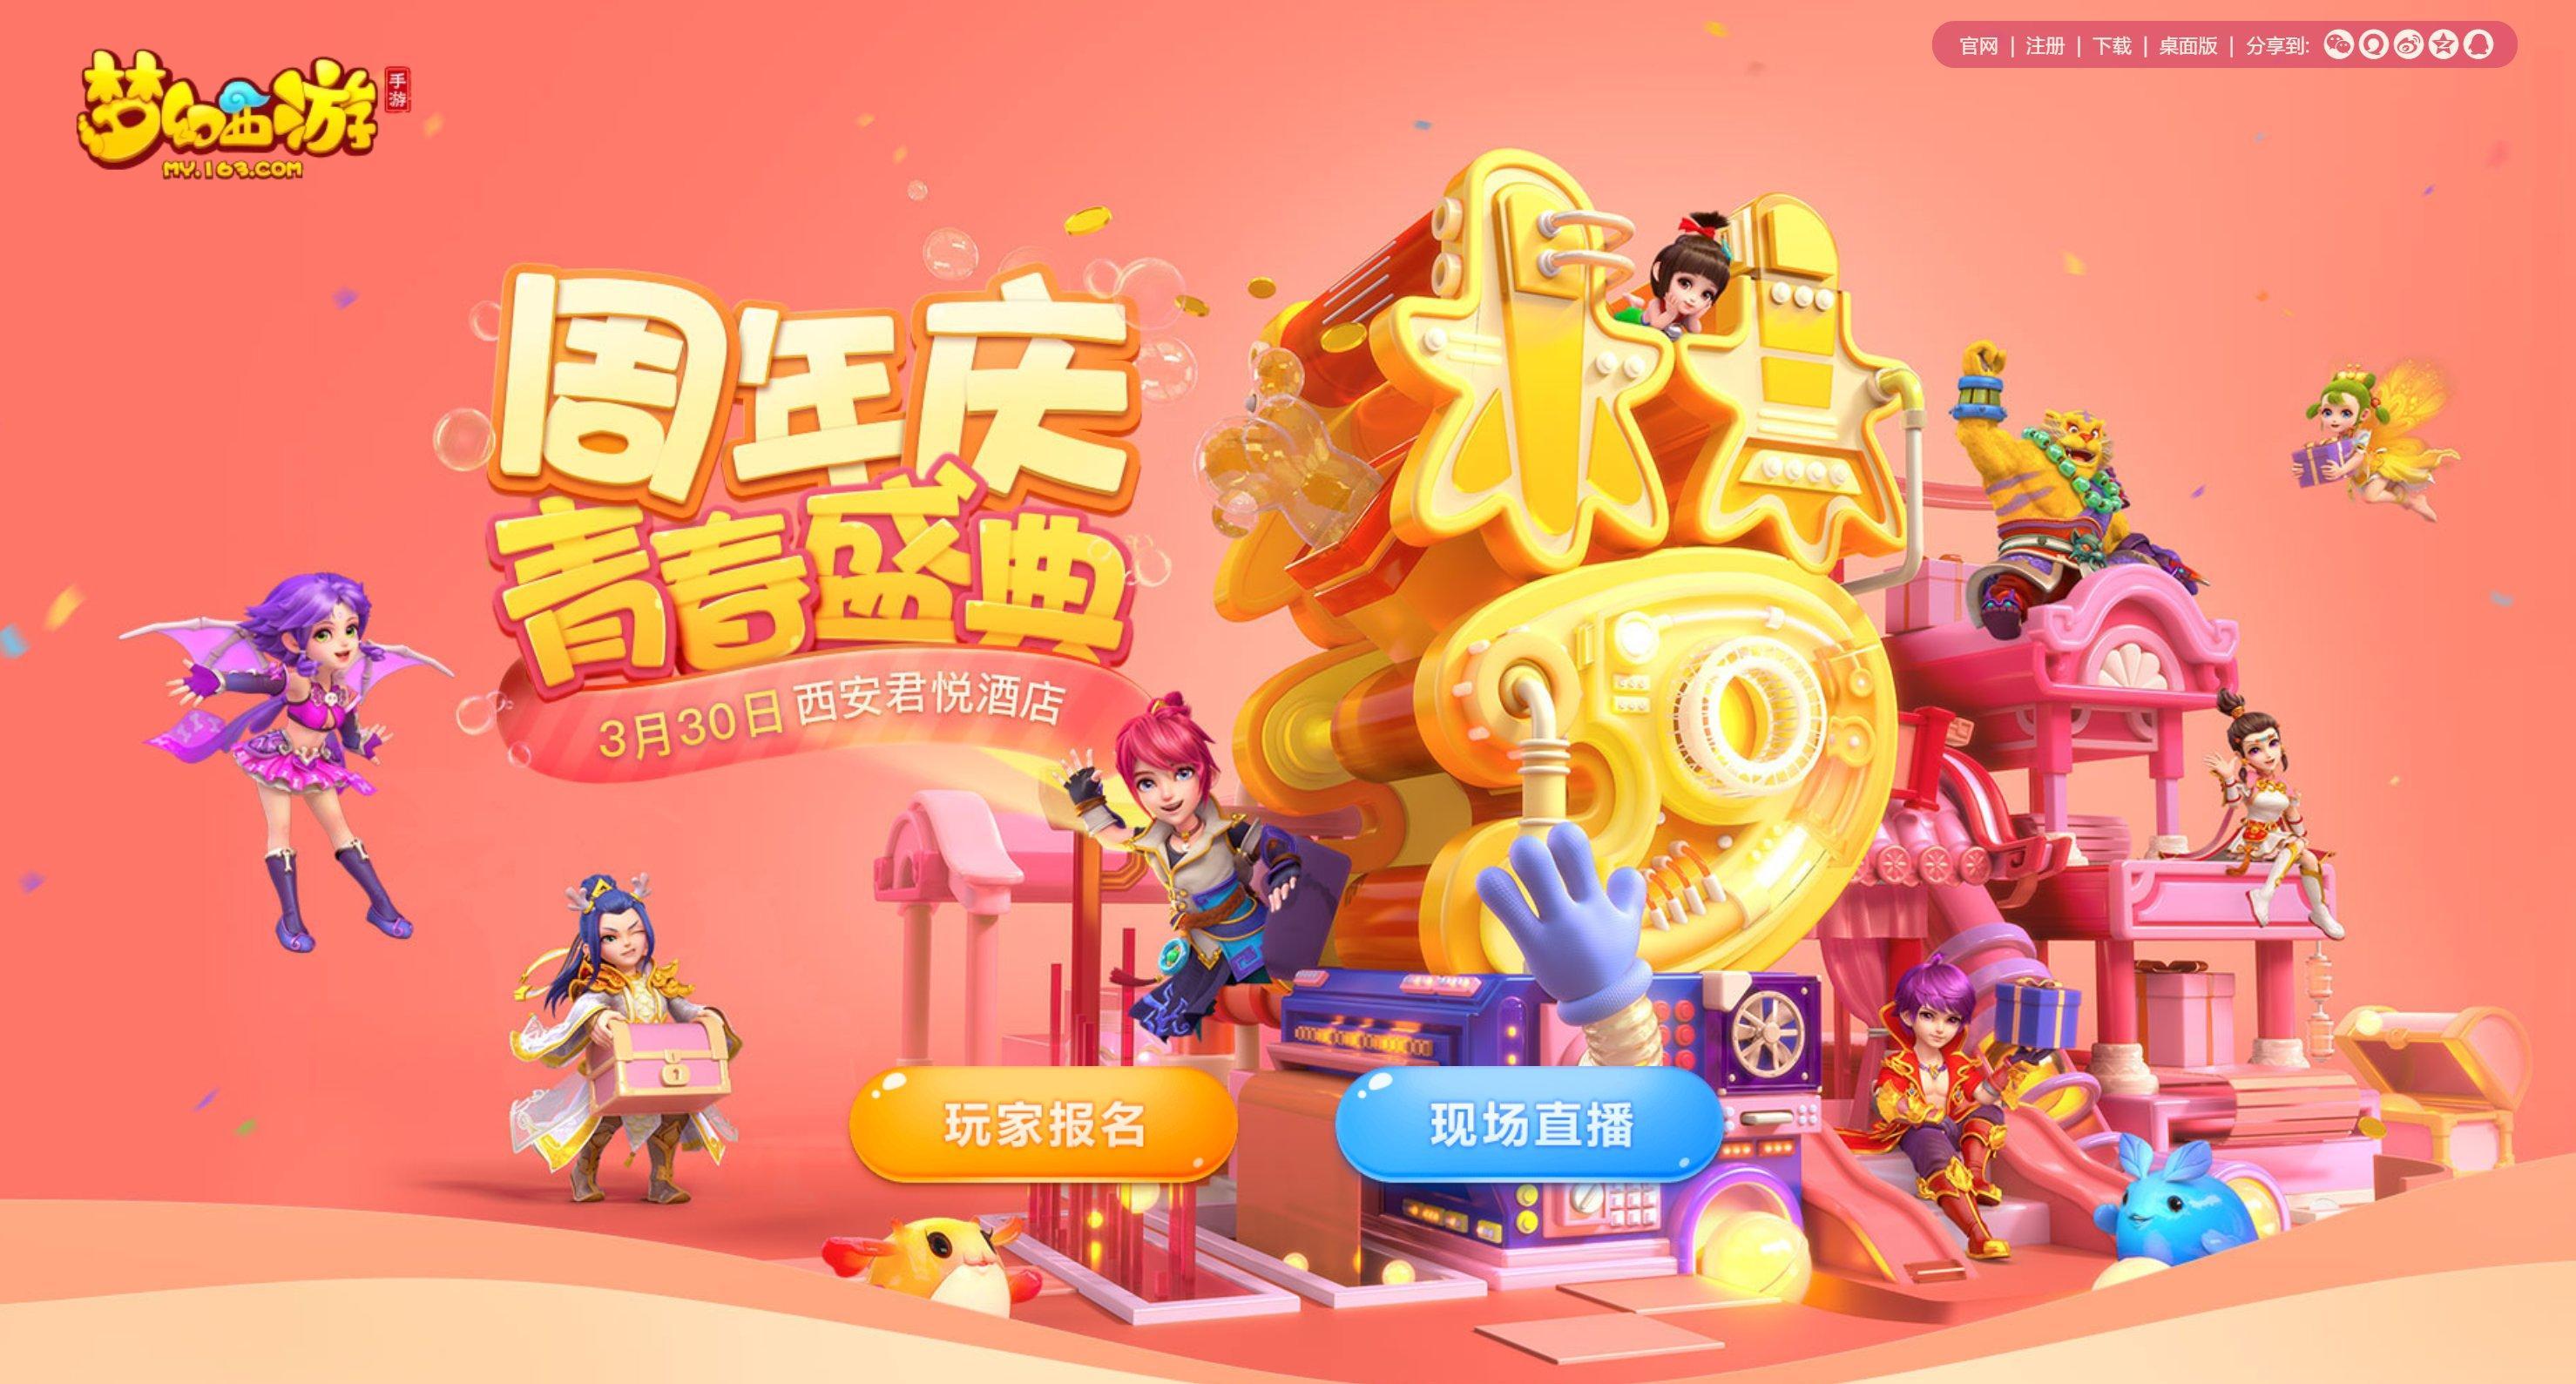 《梦幻西游》 周年庆活动已开启